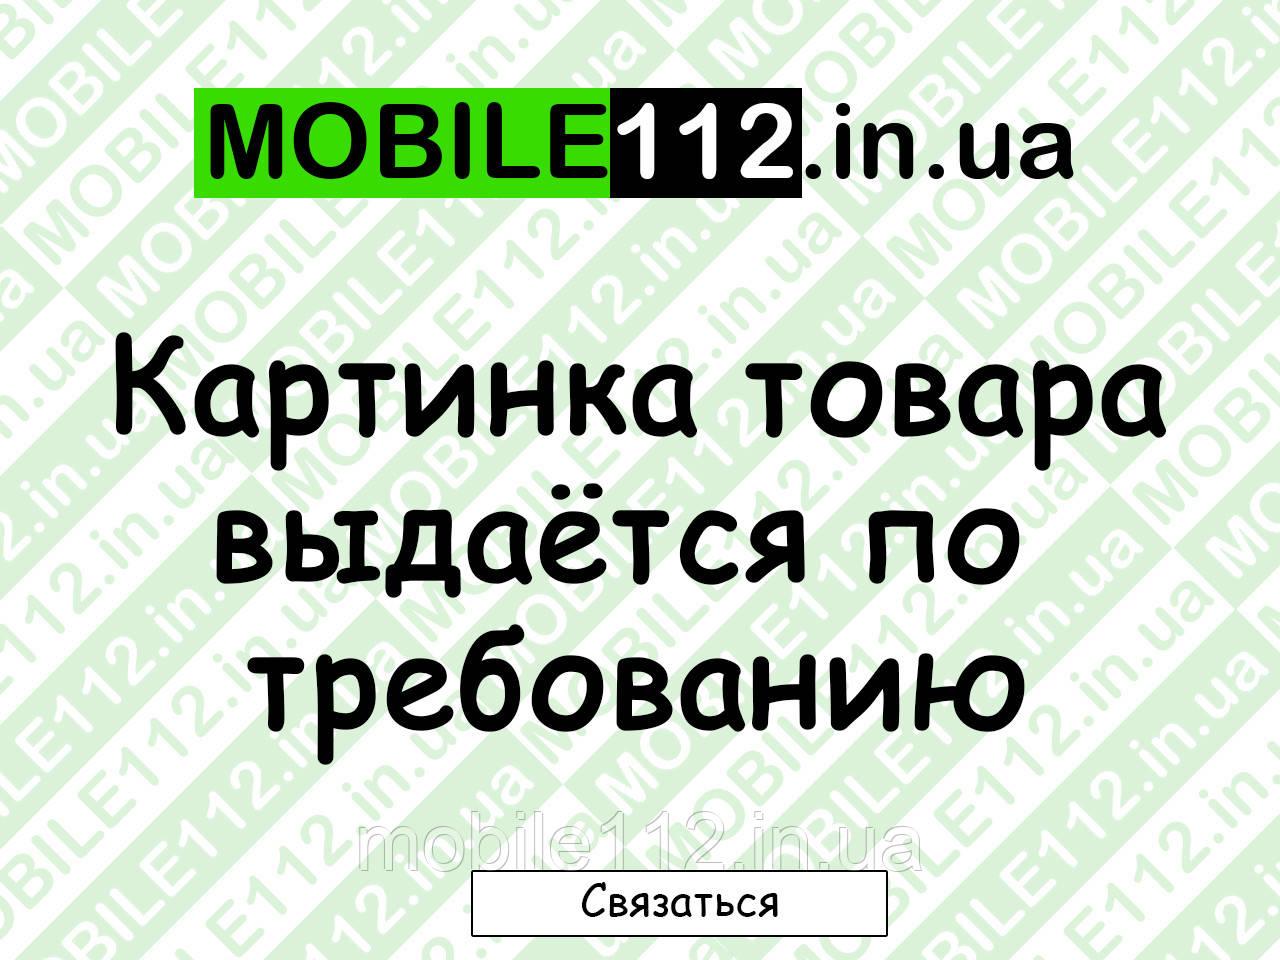 Тачскрин для Nokia 502 Asha Dual Sim, чёрный, с креплениями под винты big ic(5mm)/ small ic(4mm)